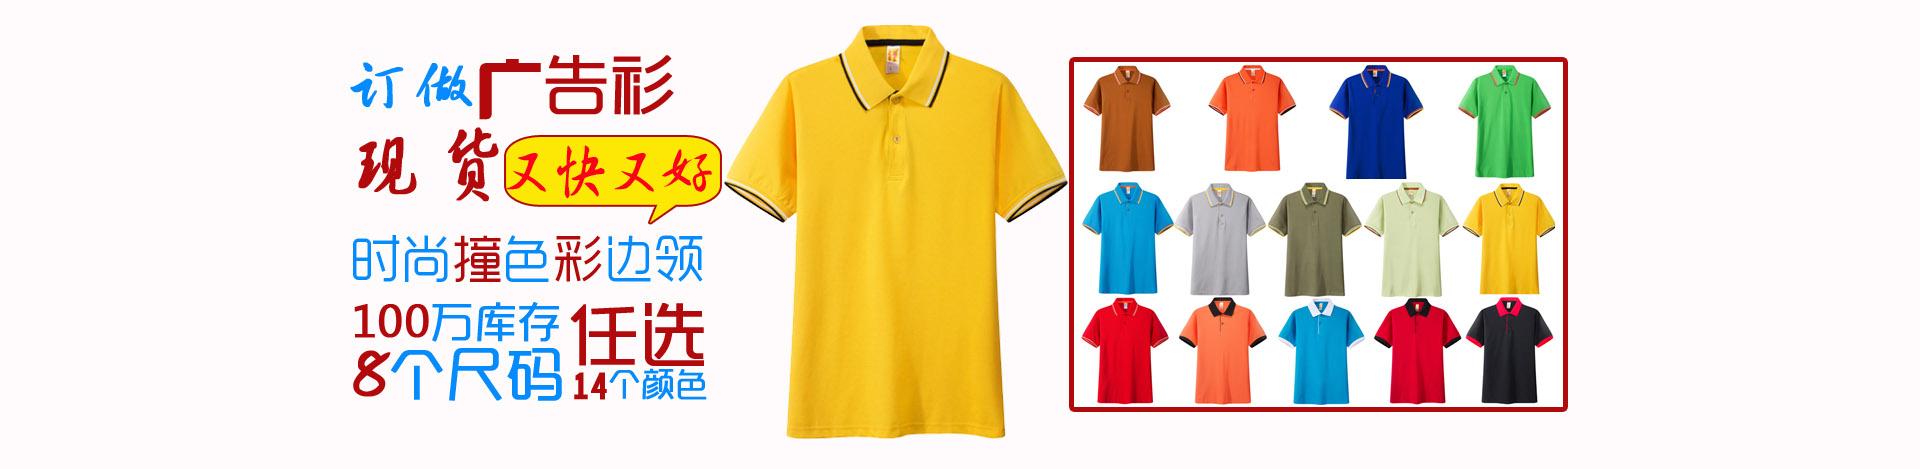 广告T恤广告衫,工作服T恤,工服T恤衫,活动T恤